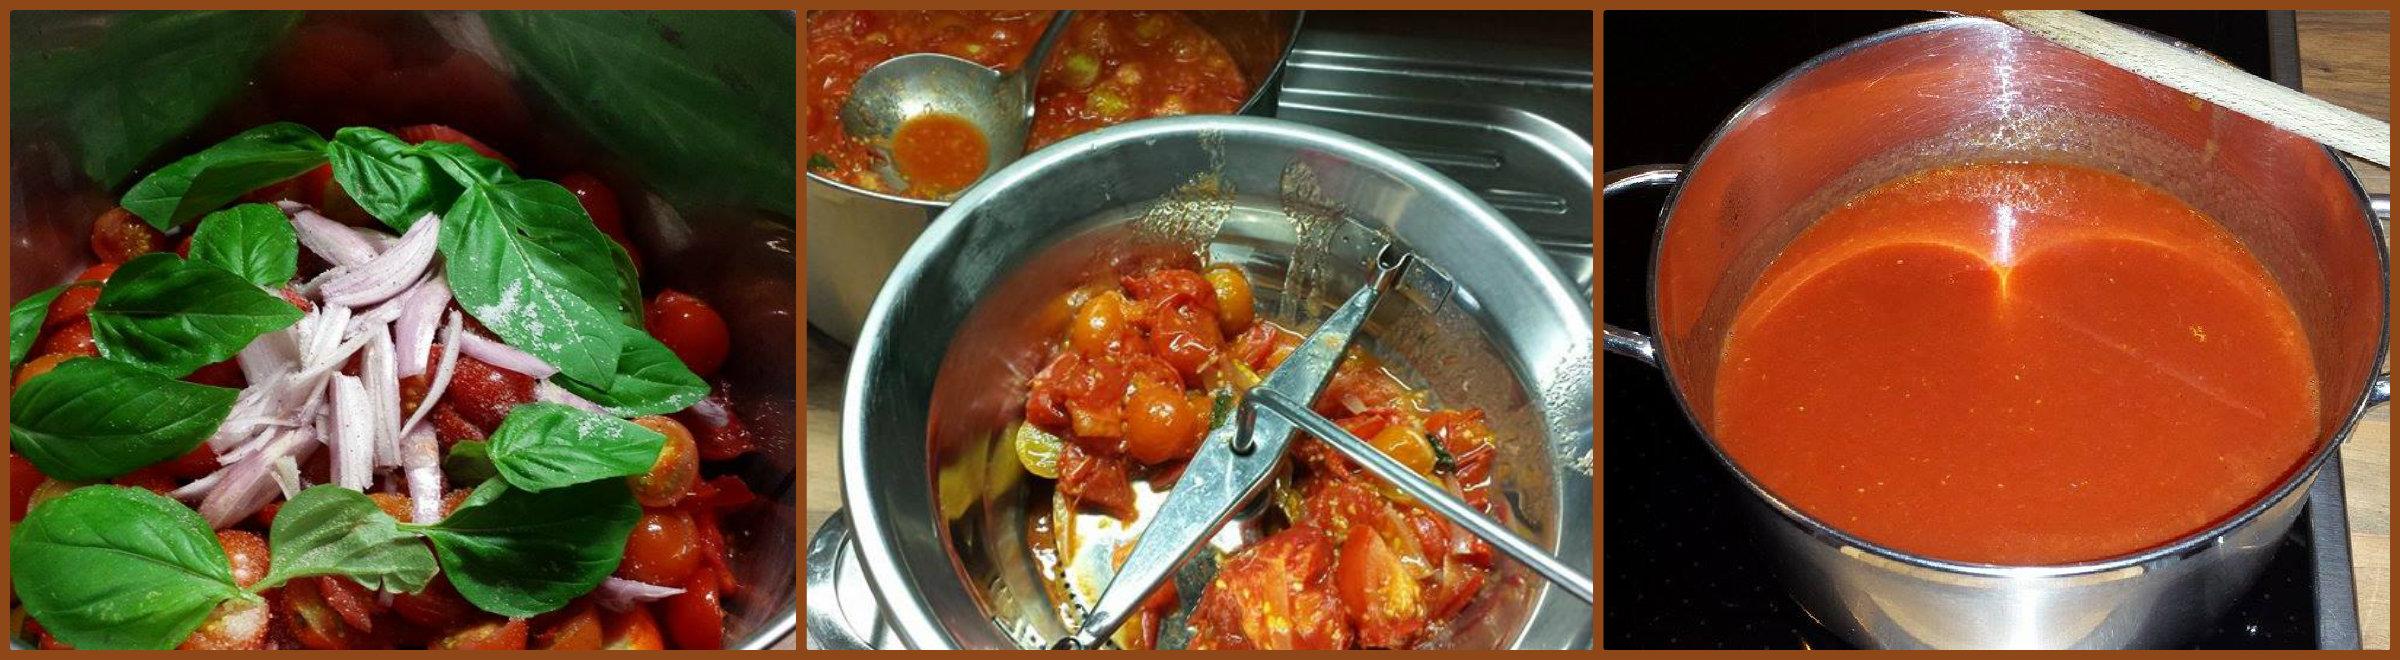 sugo di pomodoro ciliegino (o pachino)